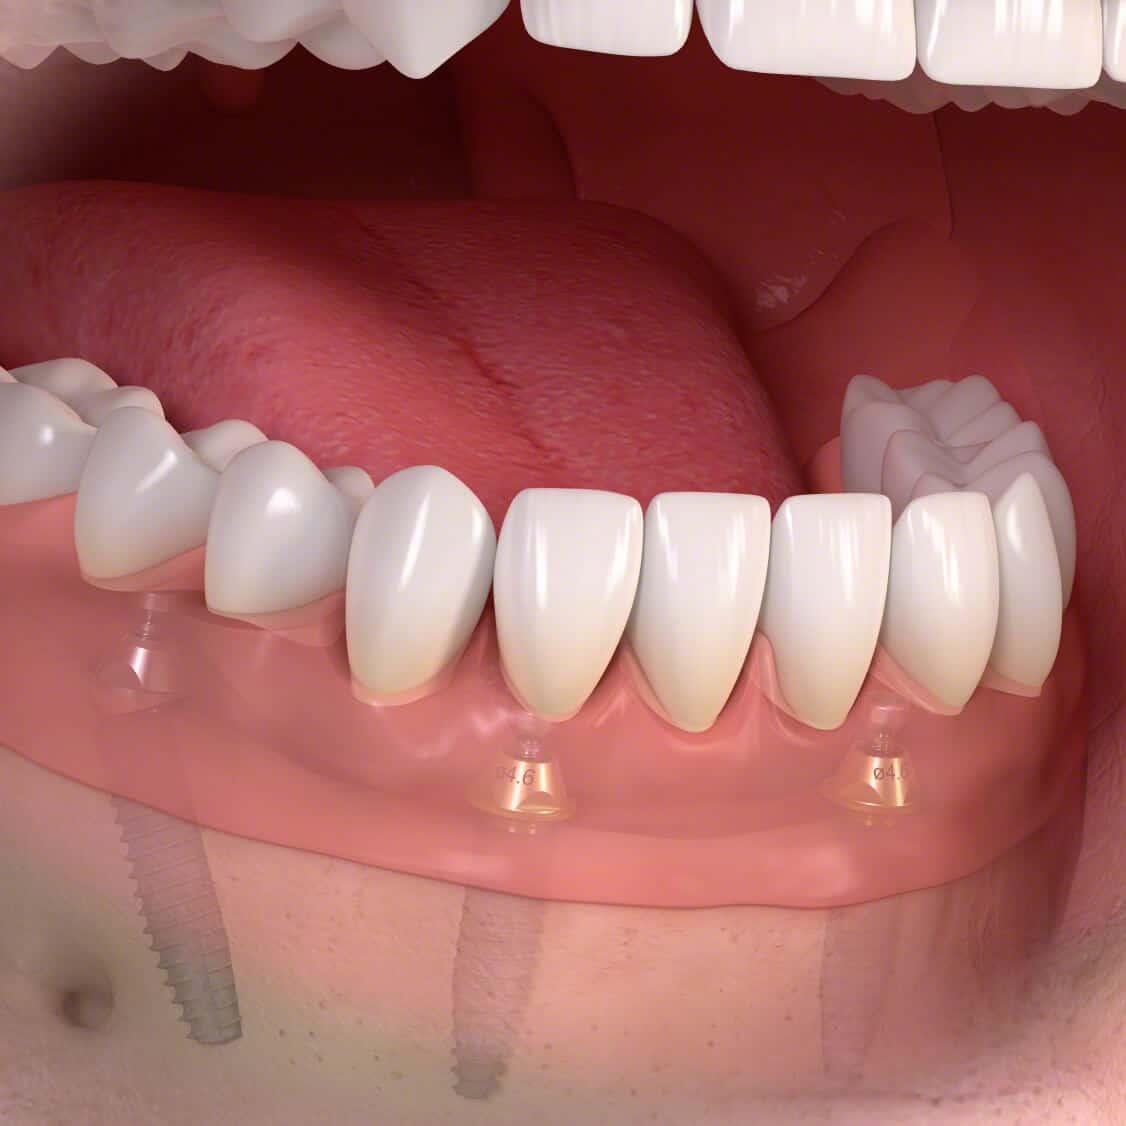 | All on 4 / ProArch ® zirkon in loc. anesthesie